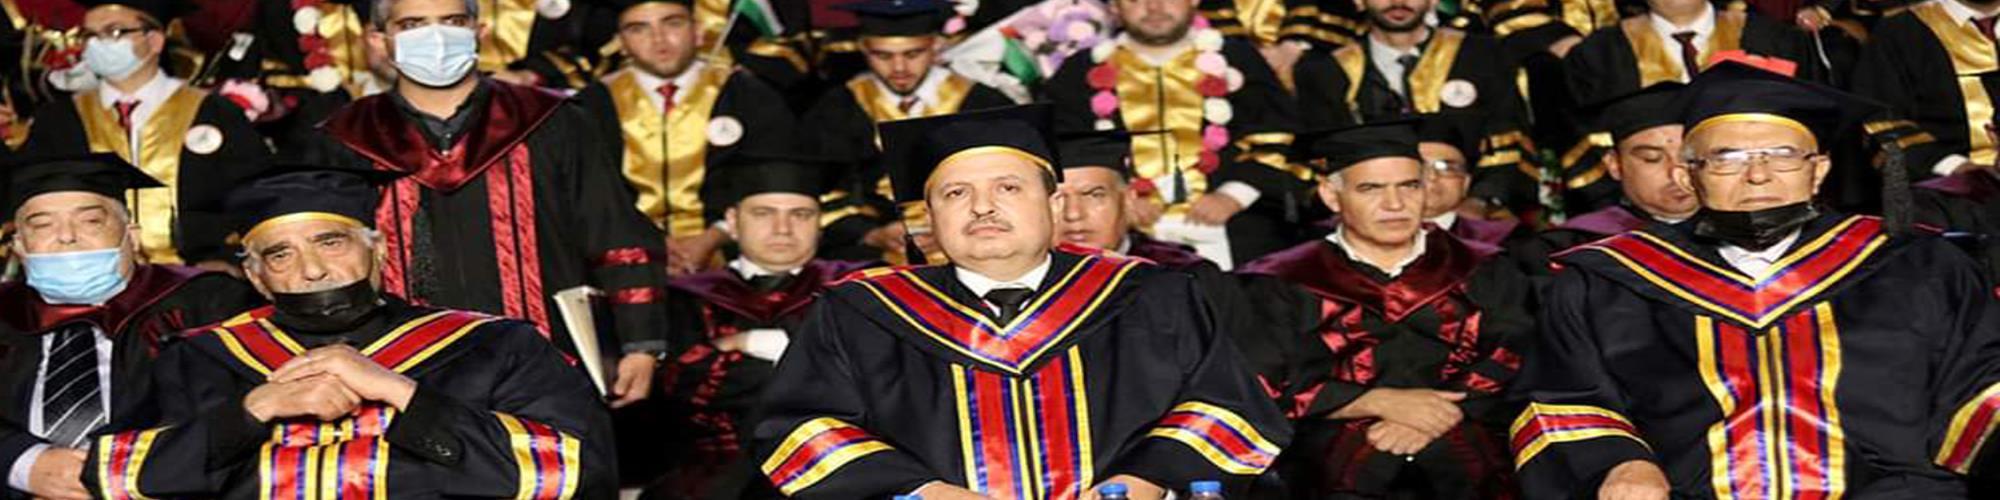 تحت رعاية فخامة الرئيس محمود عباس